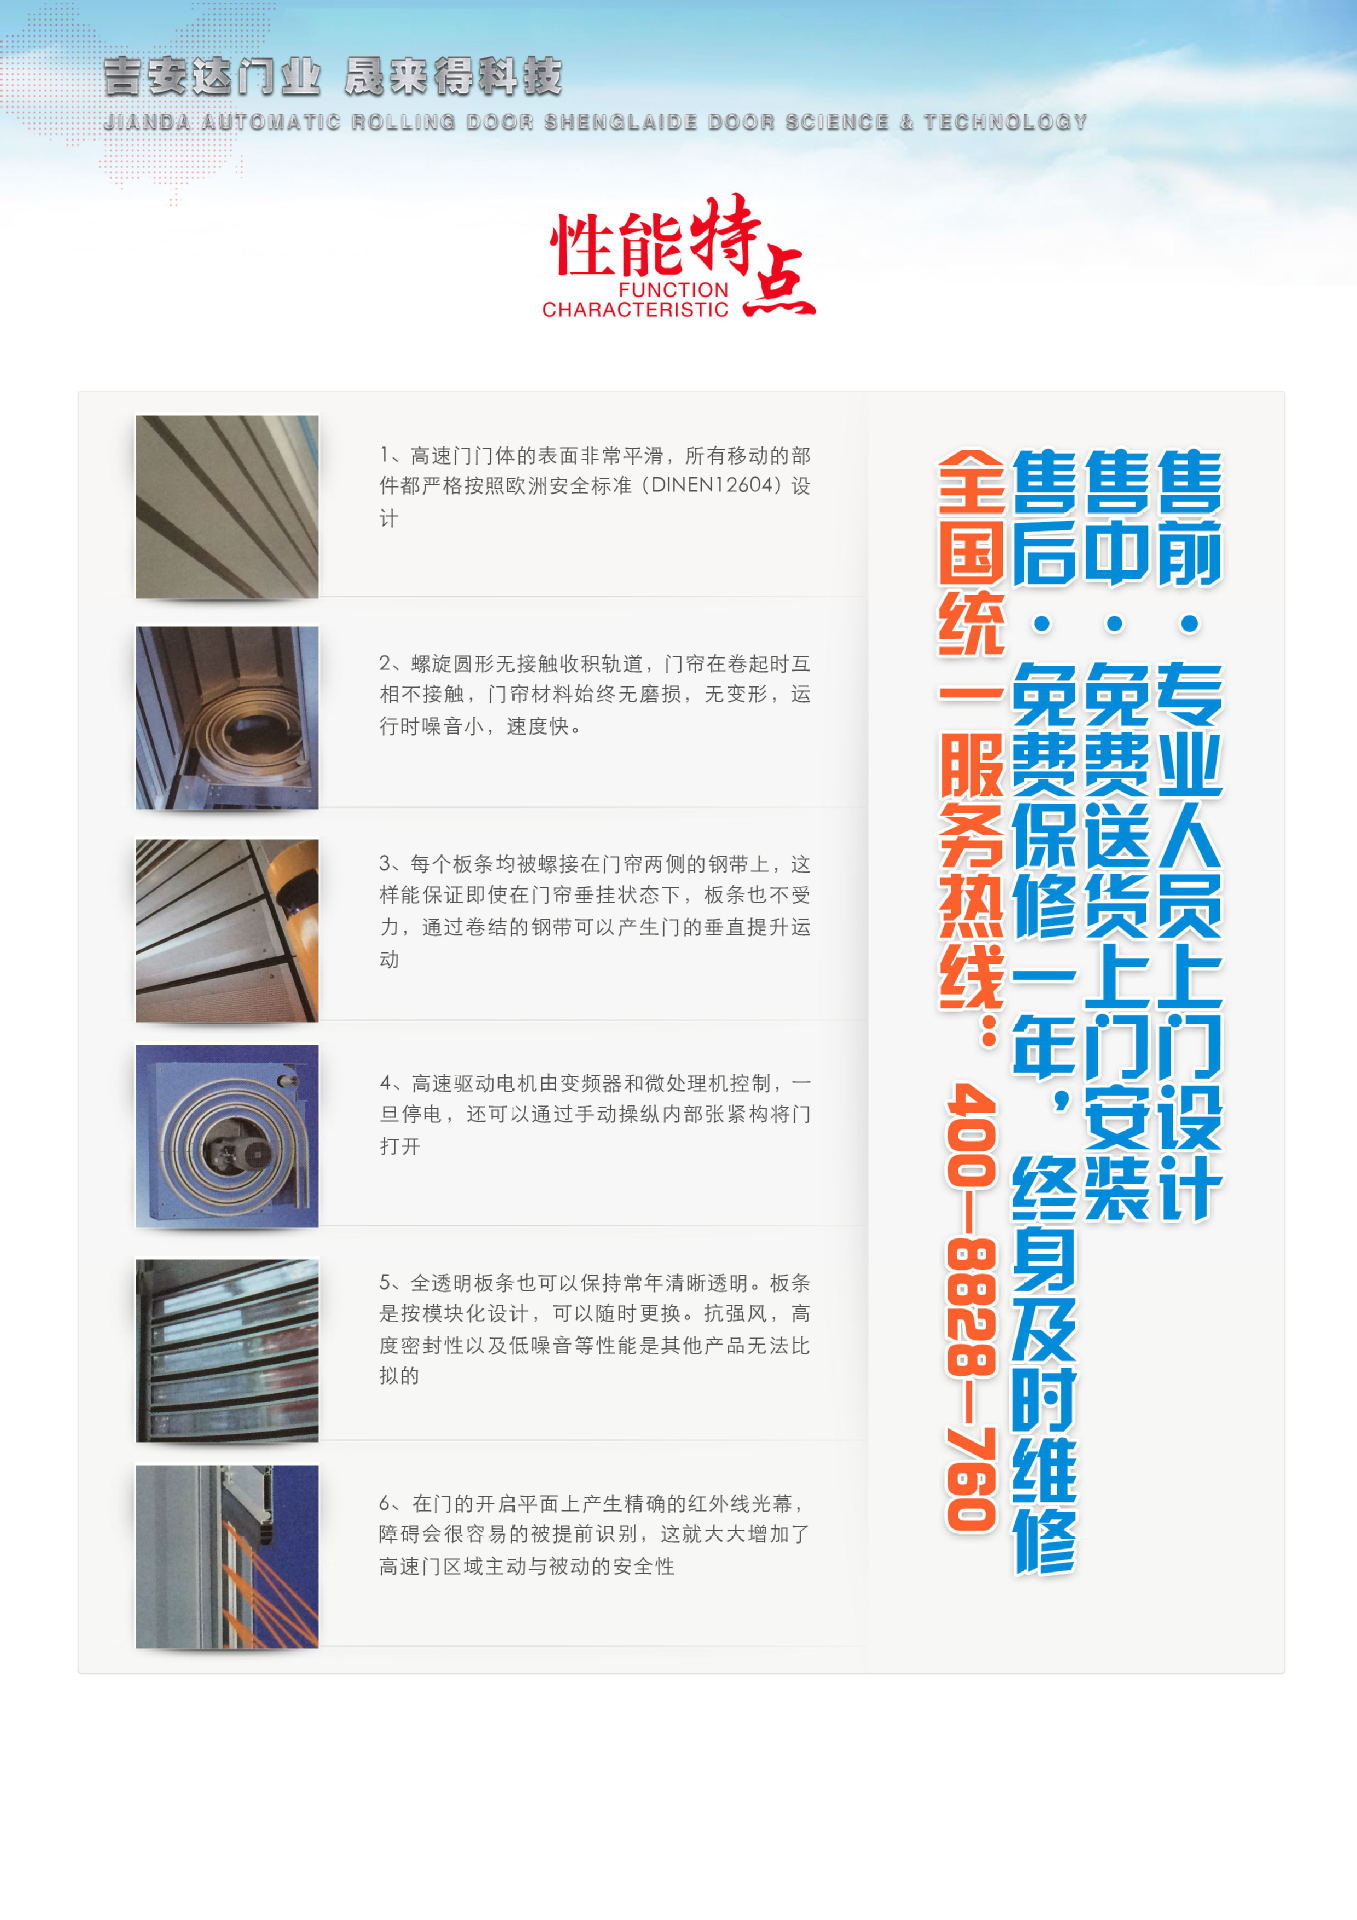 硬质快卷-性能特点_看图王(1)